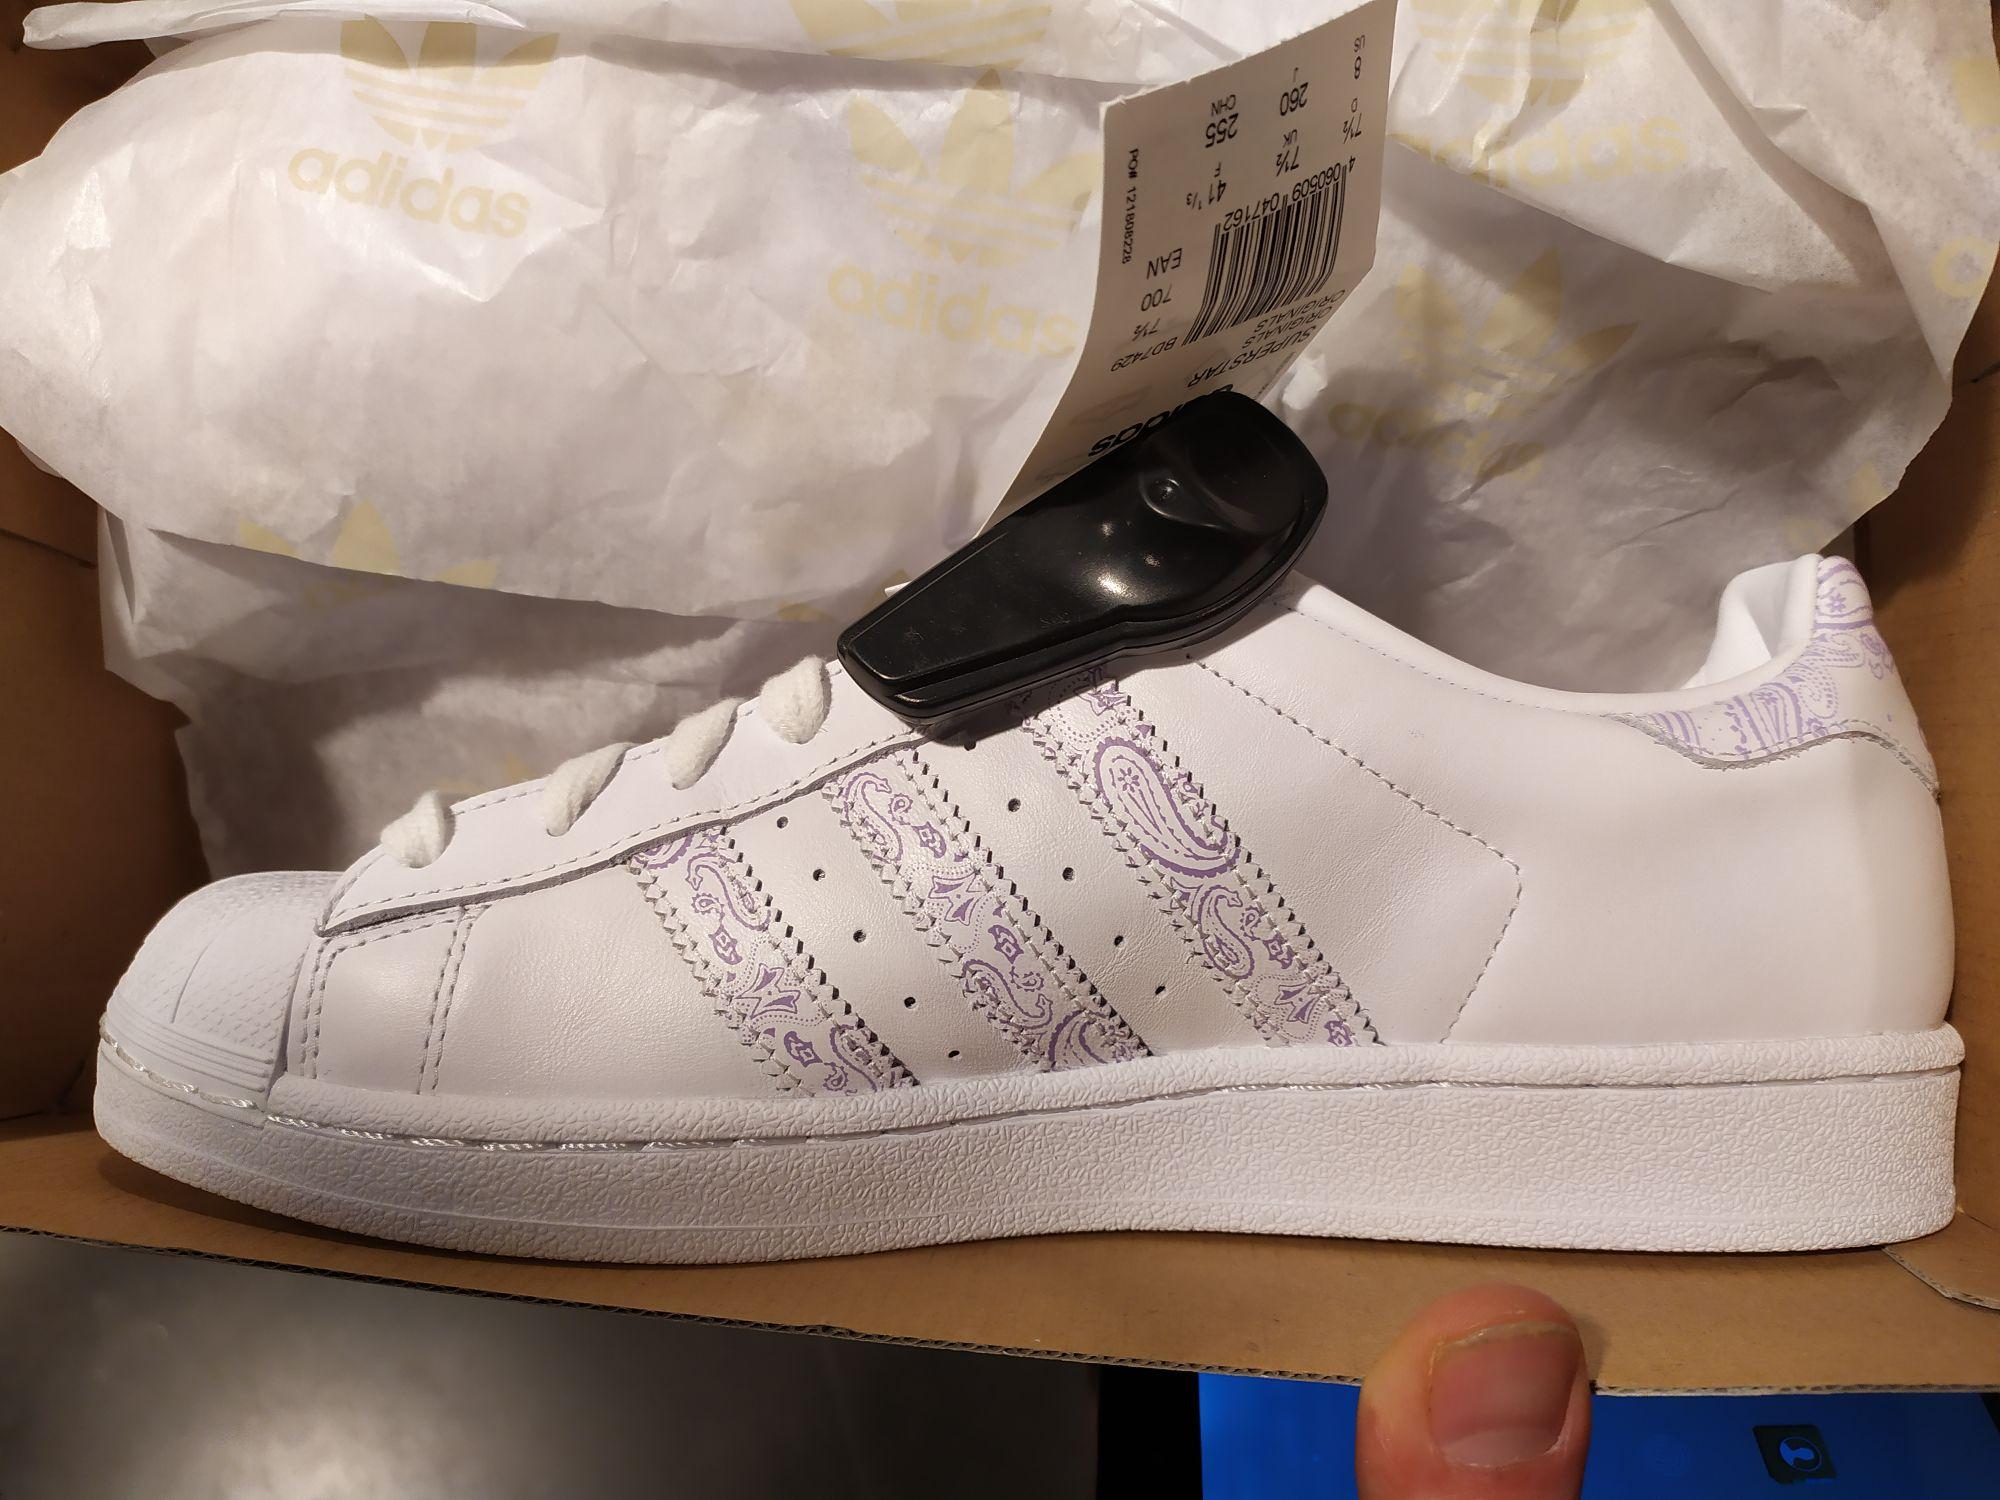 nuevo adidas outlet zapatos 12